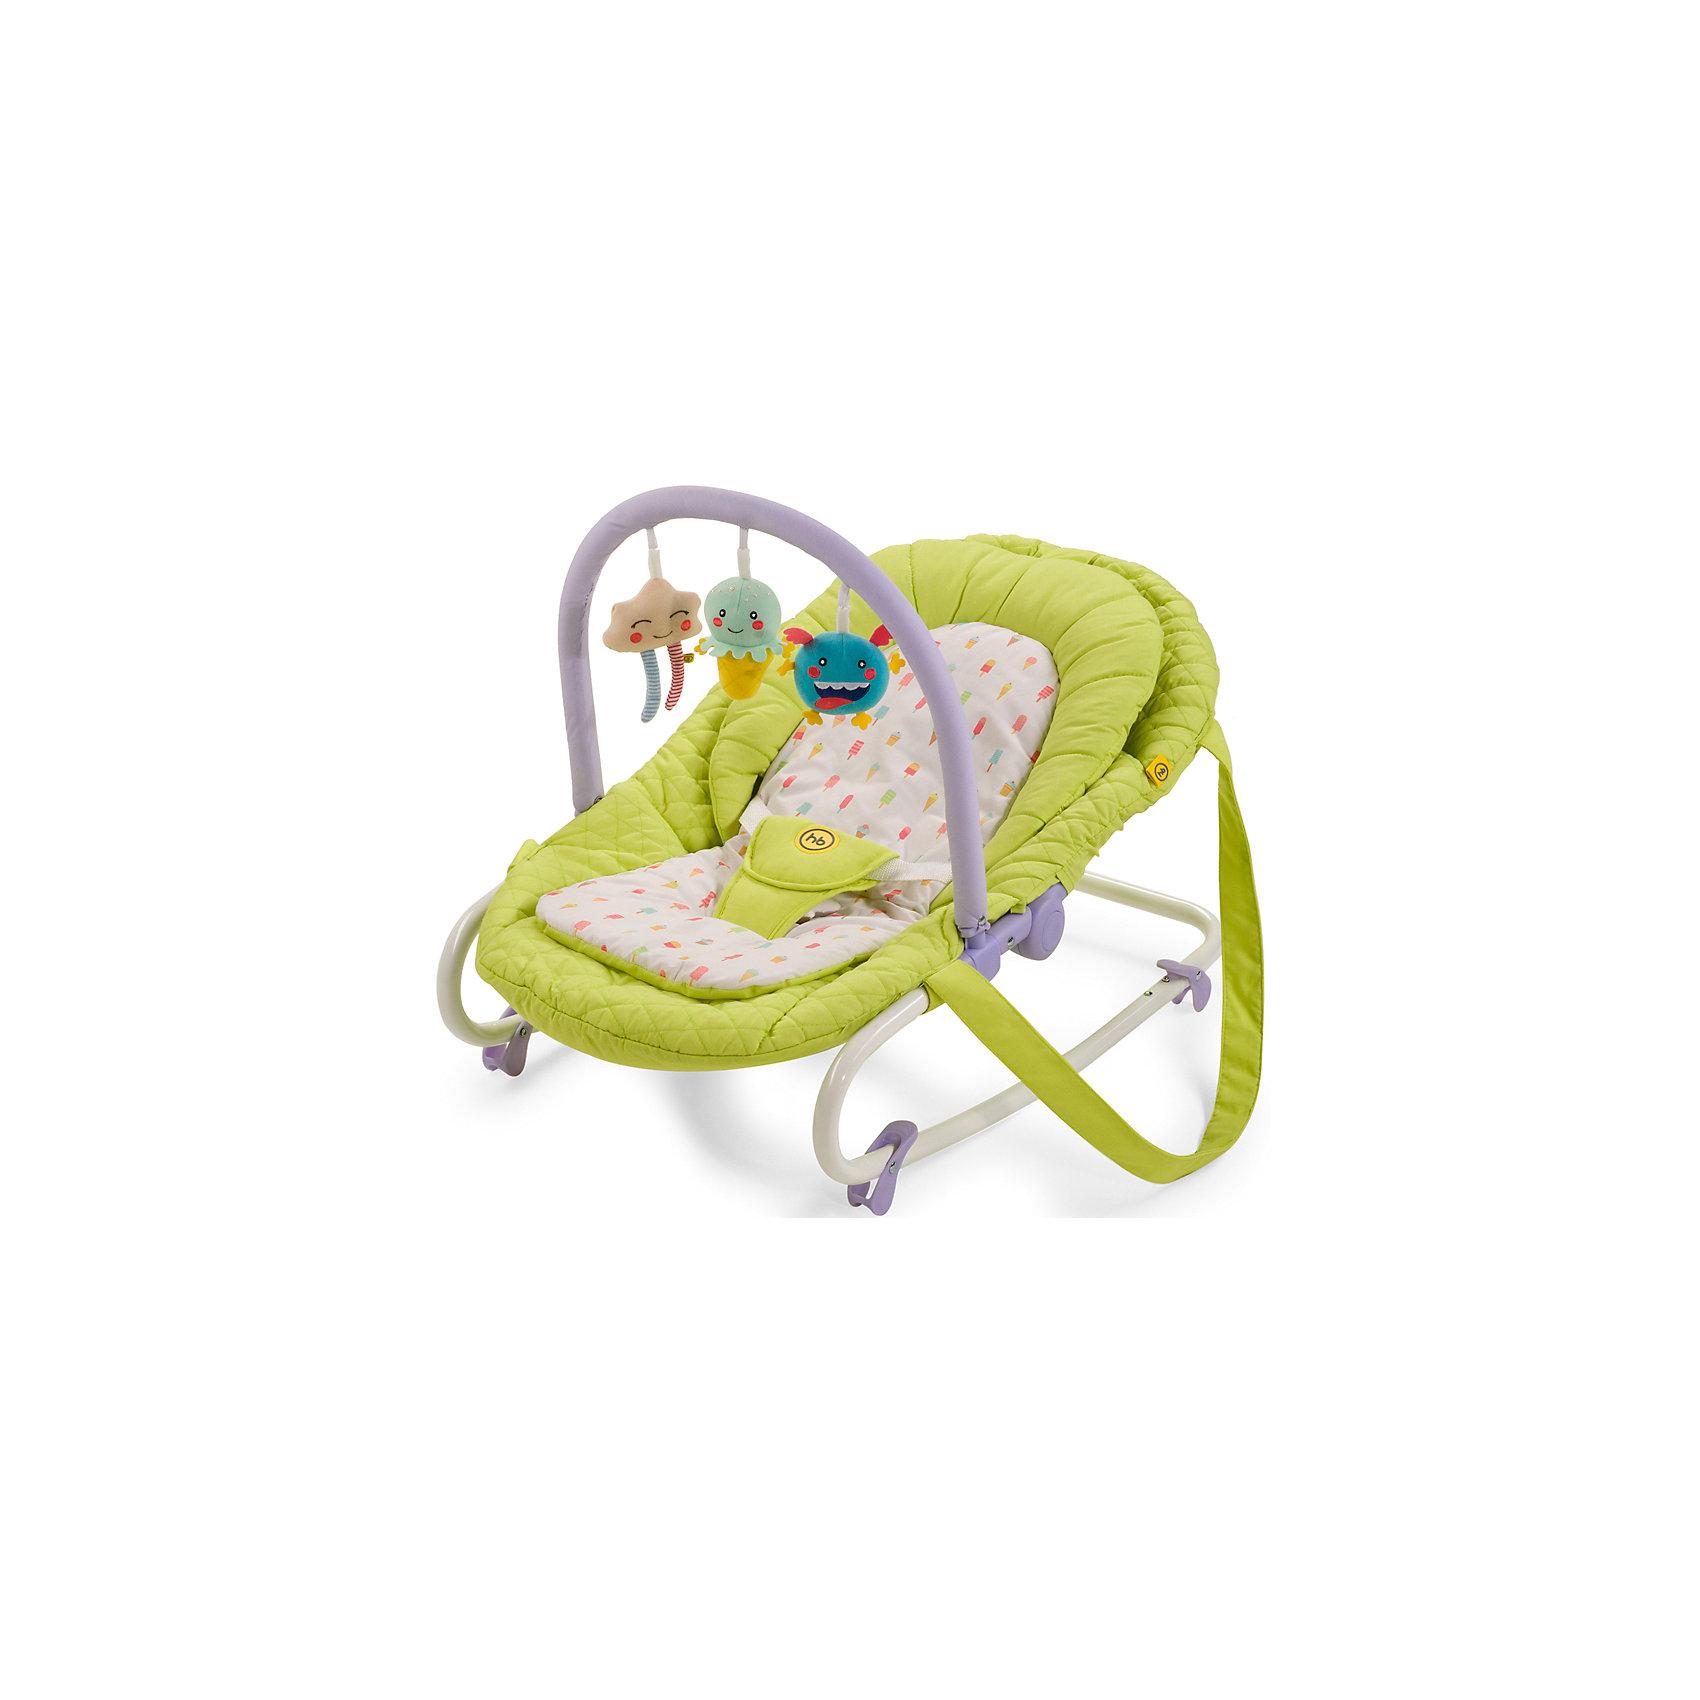 Шезлонг Nesty, Happy Baby, зеленыйШезлонг Nesty, Happy Baby, зеленый – это уютное просторное гнездышко для малышей.<br>Шезлонг NESTY создан для малышей с рождения и до 9 кг. Три положения спинки позволят ребенку спокойно отдыхать в горизонтальном положении и бодрствовать в двух полусидящих положениях. Шезлонг отлично успокоит и укачает малыша, а благодаря четырем фиксаторам опоры, шезлонг можно зафиксировать в устойчивом горизонтальном положении. Трехточечные ремни безопасности надежно зафиксируют ребенка в шезлонге. Благодаря оригинальной расцветке и съемной дуге с яркими позитивными игрушками, малышу не будет скучно. Предусмотрены ремни для переноски, что очень удобно для транспортировки шезлонга. Мягкая внутренняя вкладка легко стирается и позволит малышу чувствовать себя в шезлонге комфортно.<br><br>Дополнительная информация:<br><br>- Возраст: с рождения<br>- Максимальная нагрузка: 9 кг.<br>- Цвет: зеленый<br>- Регулировка наклона, 3 положения<br>- Трехточечные ремни безопасности<br>- Ограничители качания на ножках<br>- Съемная мягкая вкладка-матрасик<br>- Ручки для переноски<br>- Съемная дуга со сменными игрушками<br>- Материал: каркас - пластик, металл; тканые материалы - 100% полиэстер<br>- Размер в разложенном виде: 85х49х57 см.<br>- Ширина сиденья: 30 см.<br>- Глубина сиденья: 35 см.<br>- Длина спального места: 85 см.<br>- Вес: 3,3 кг.<br><br>Шезлонг Nesty, Happy Baby, зеленый можно купить в нашем интернет-магазине.<br><br>Ширина мм: 90<br>Глубина мм: 510<br>Высота мм: 865<br>Вес г: 4600<br>Возраст от месяцев: 0<br>Возраст до месяцев: 6<br>Пол: Унисекс<br>Возраст: Детский<br>SKU: 4914549